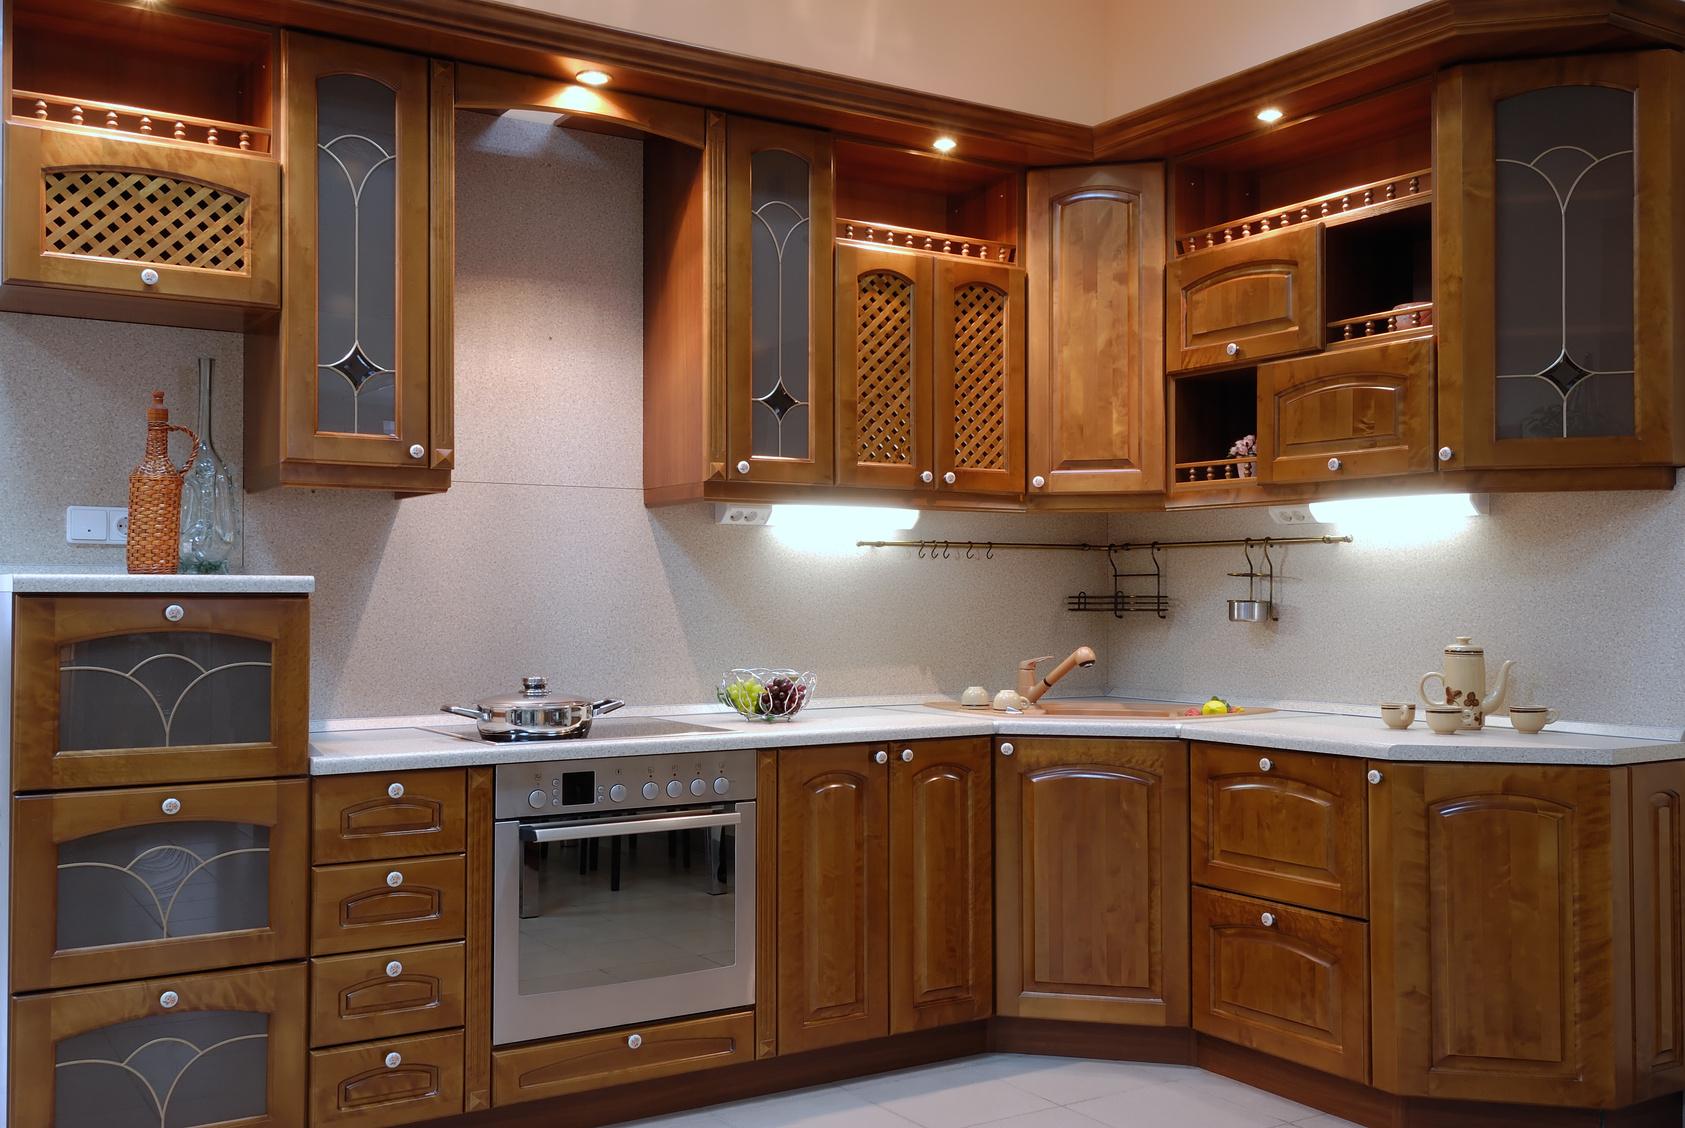 Kuchenteile einzeln kaufen dekoration inspiration for Echtholzküchen